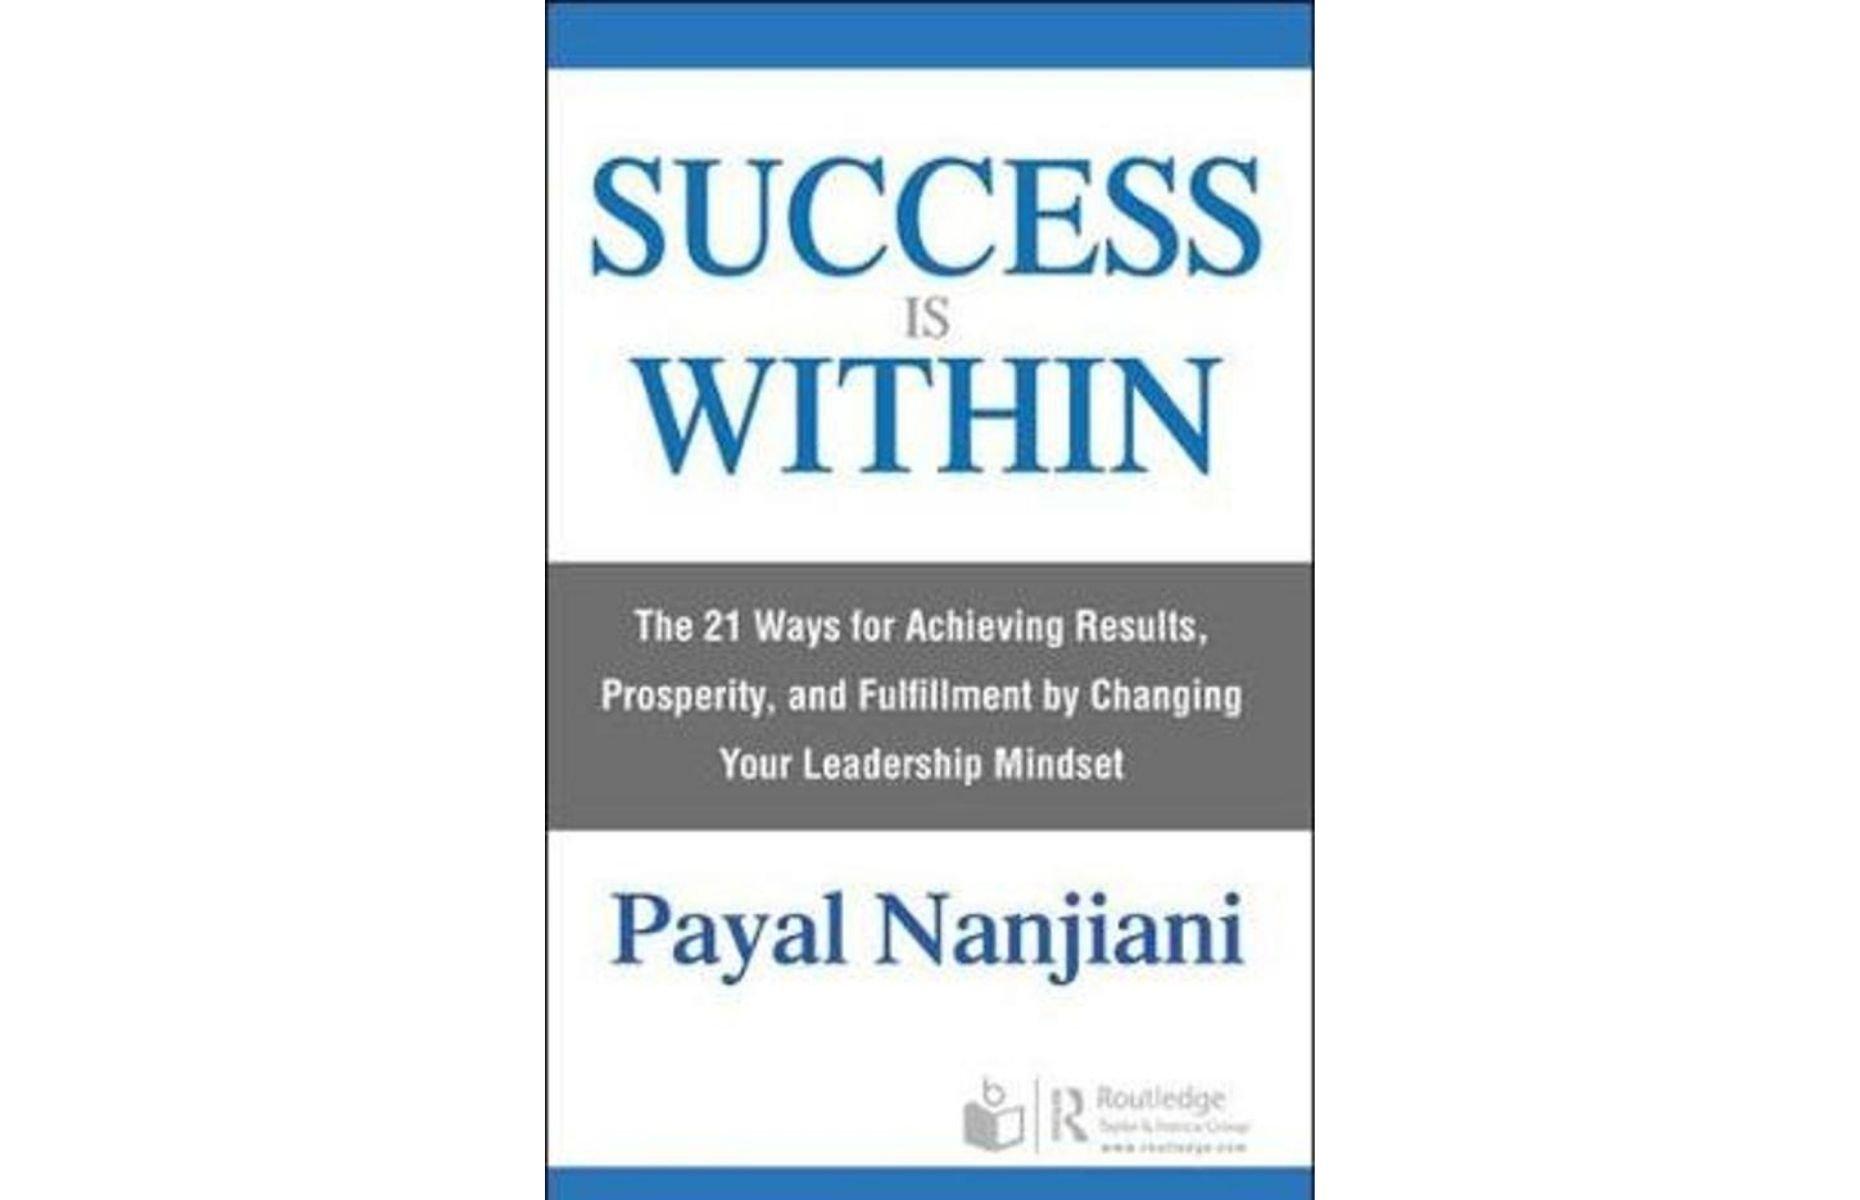 success-is-within-payal-nanjiani